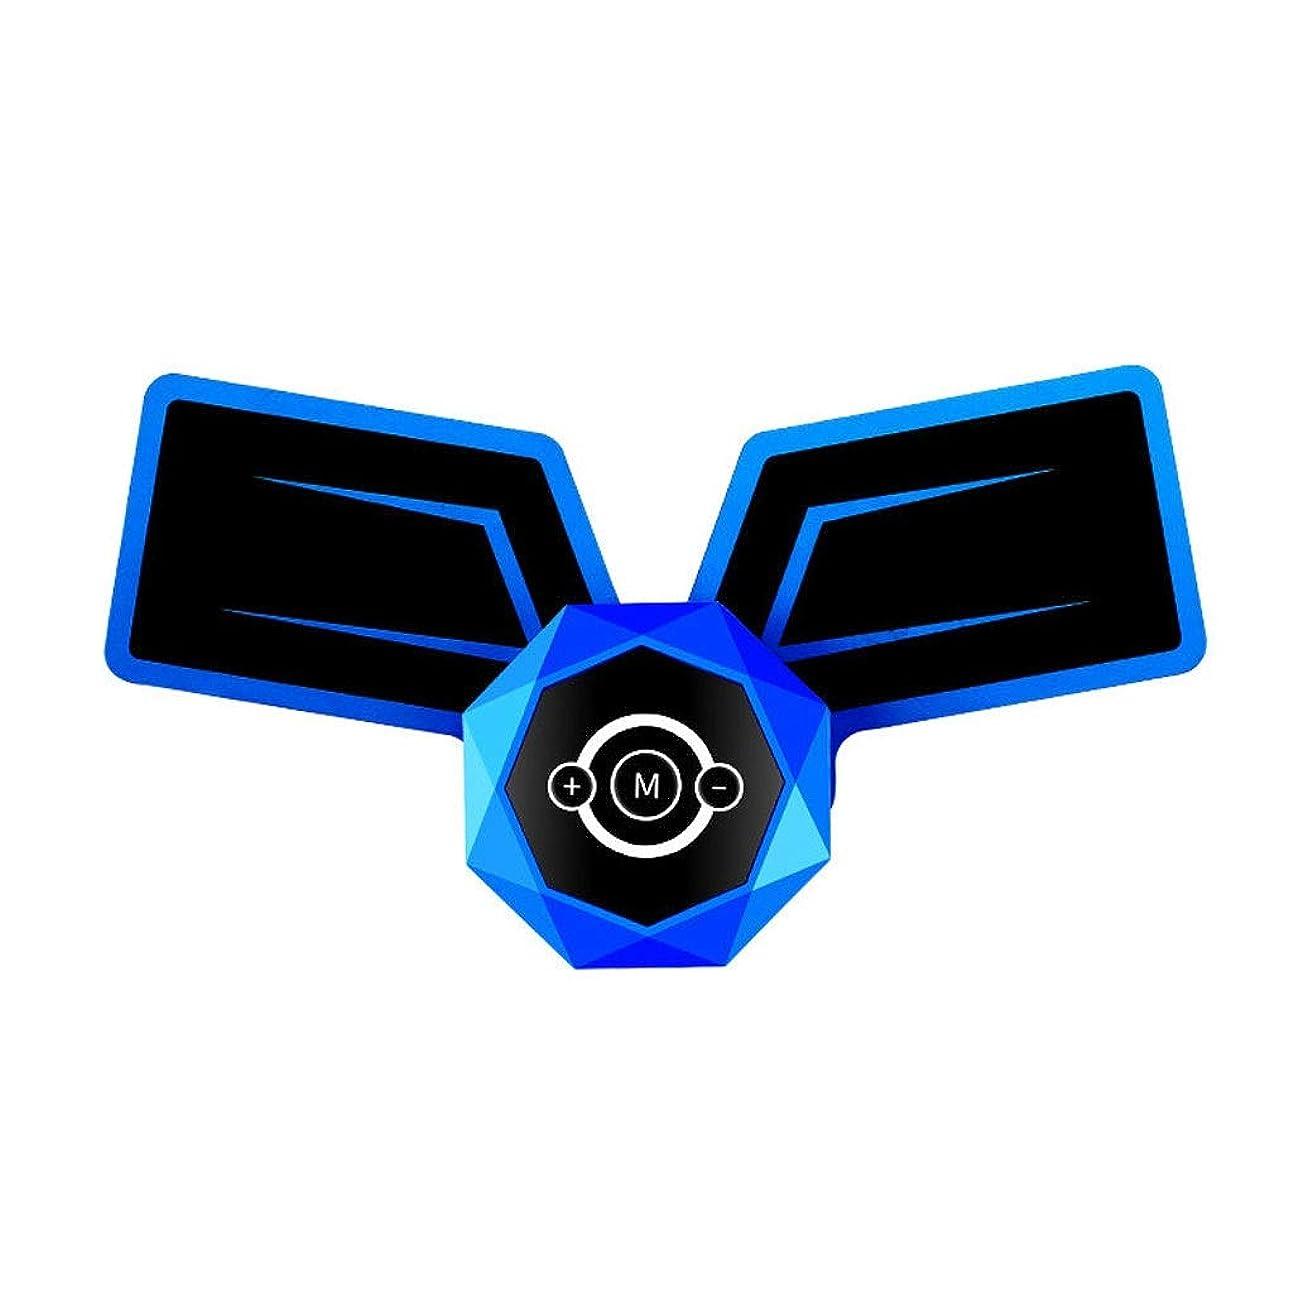 農業見捨てる定期的な腹筋トレーナーEMS筋肉刺激装置、インテリジェント音声ブロードキャストとUSB充電付き腹部調色ベルト、男性と女性の腹部脚用筋トナー (Color : Voice-Blue 1, Size : A)